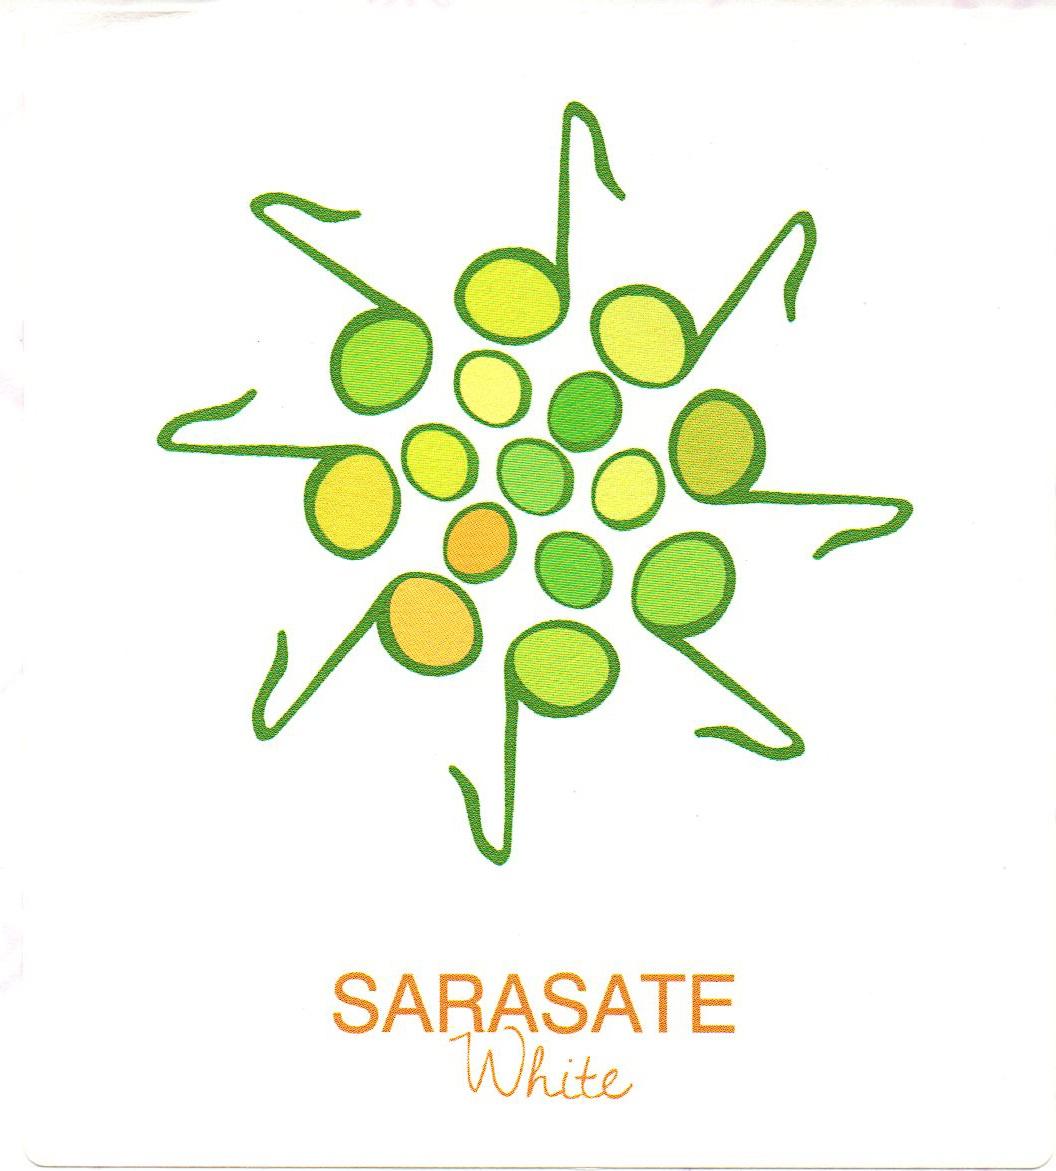 Sarasate White